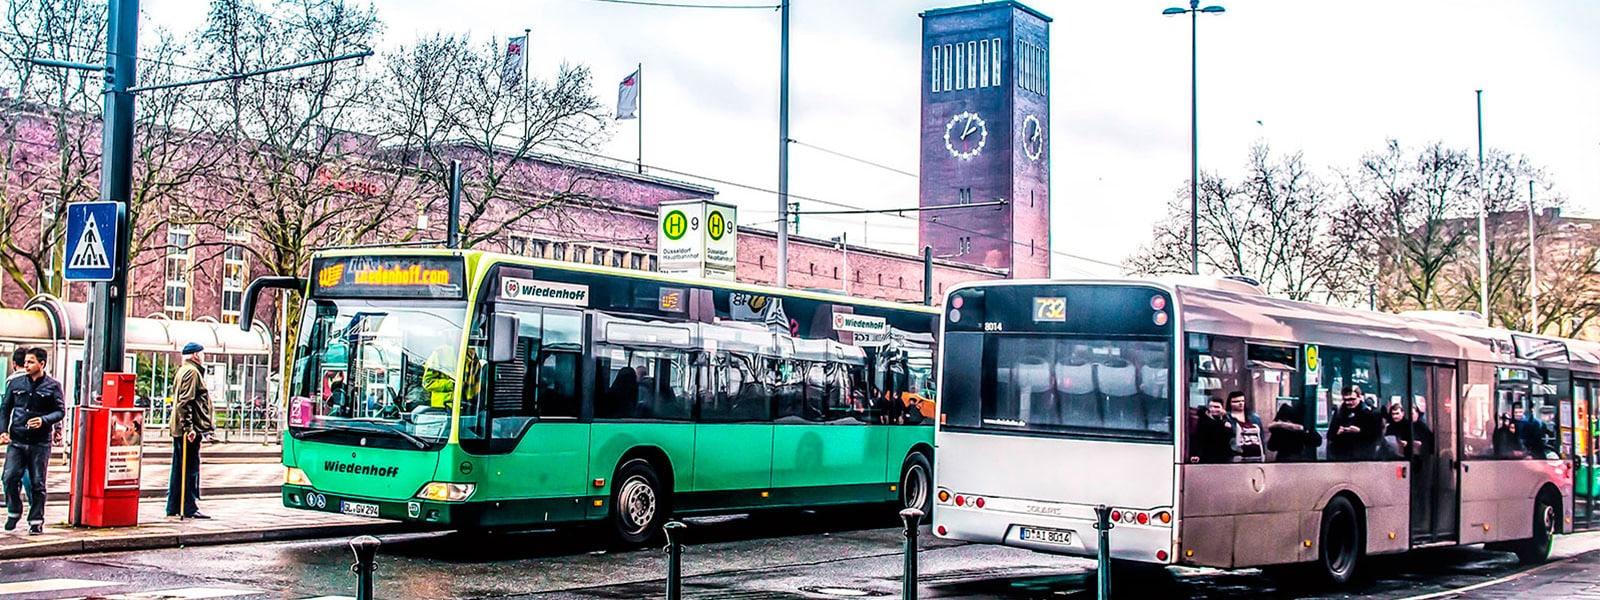 Leverkusen-Verkehrsmittelwerbung-bus-werbung